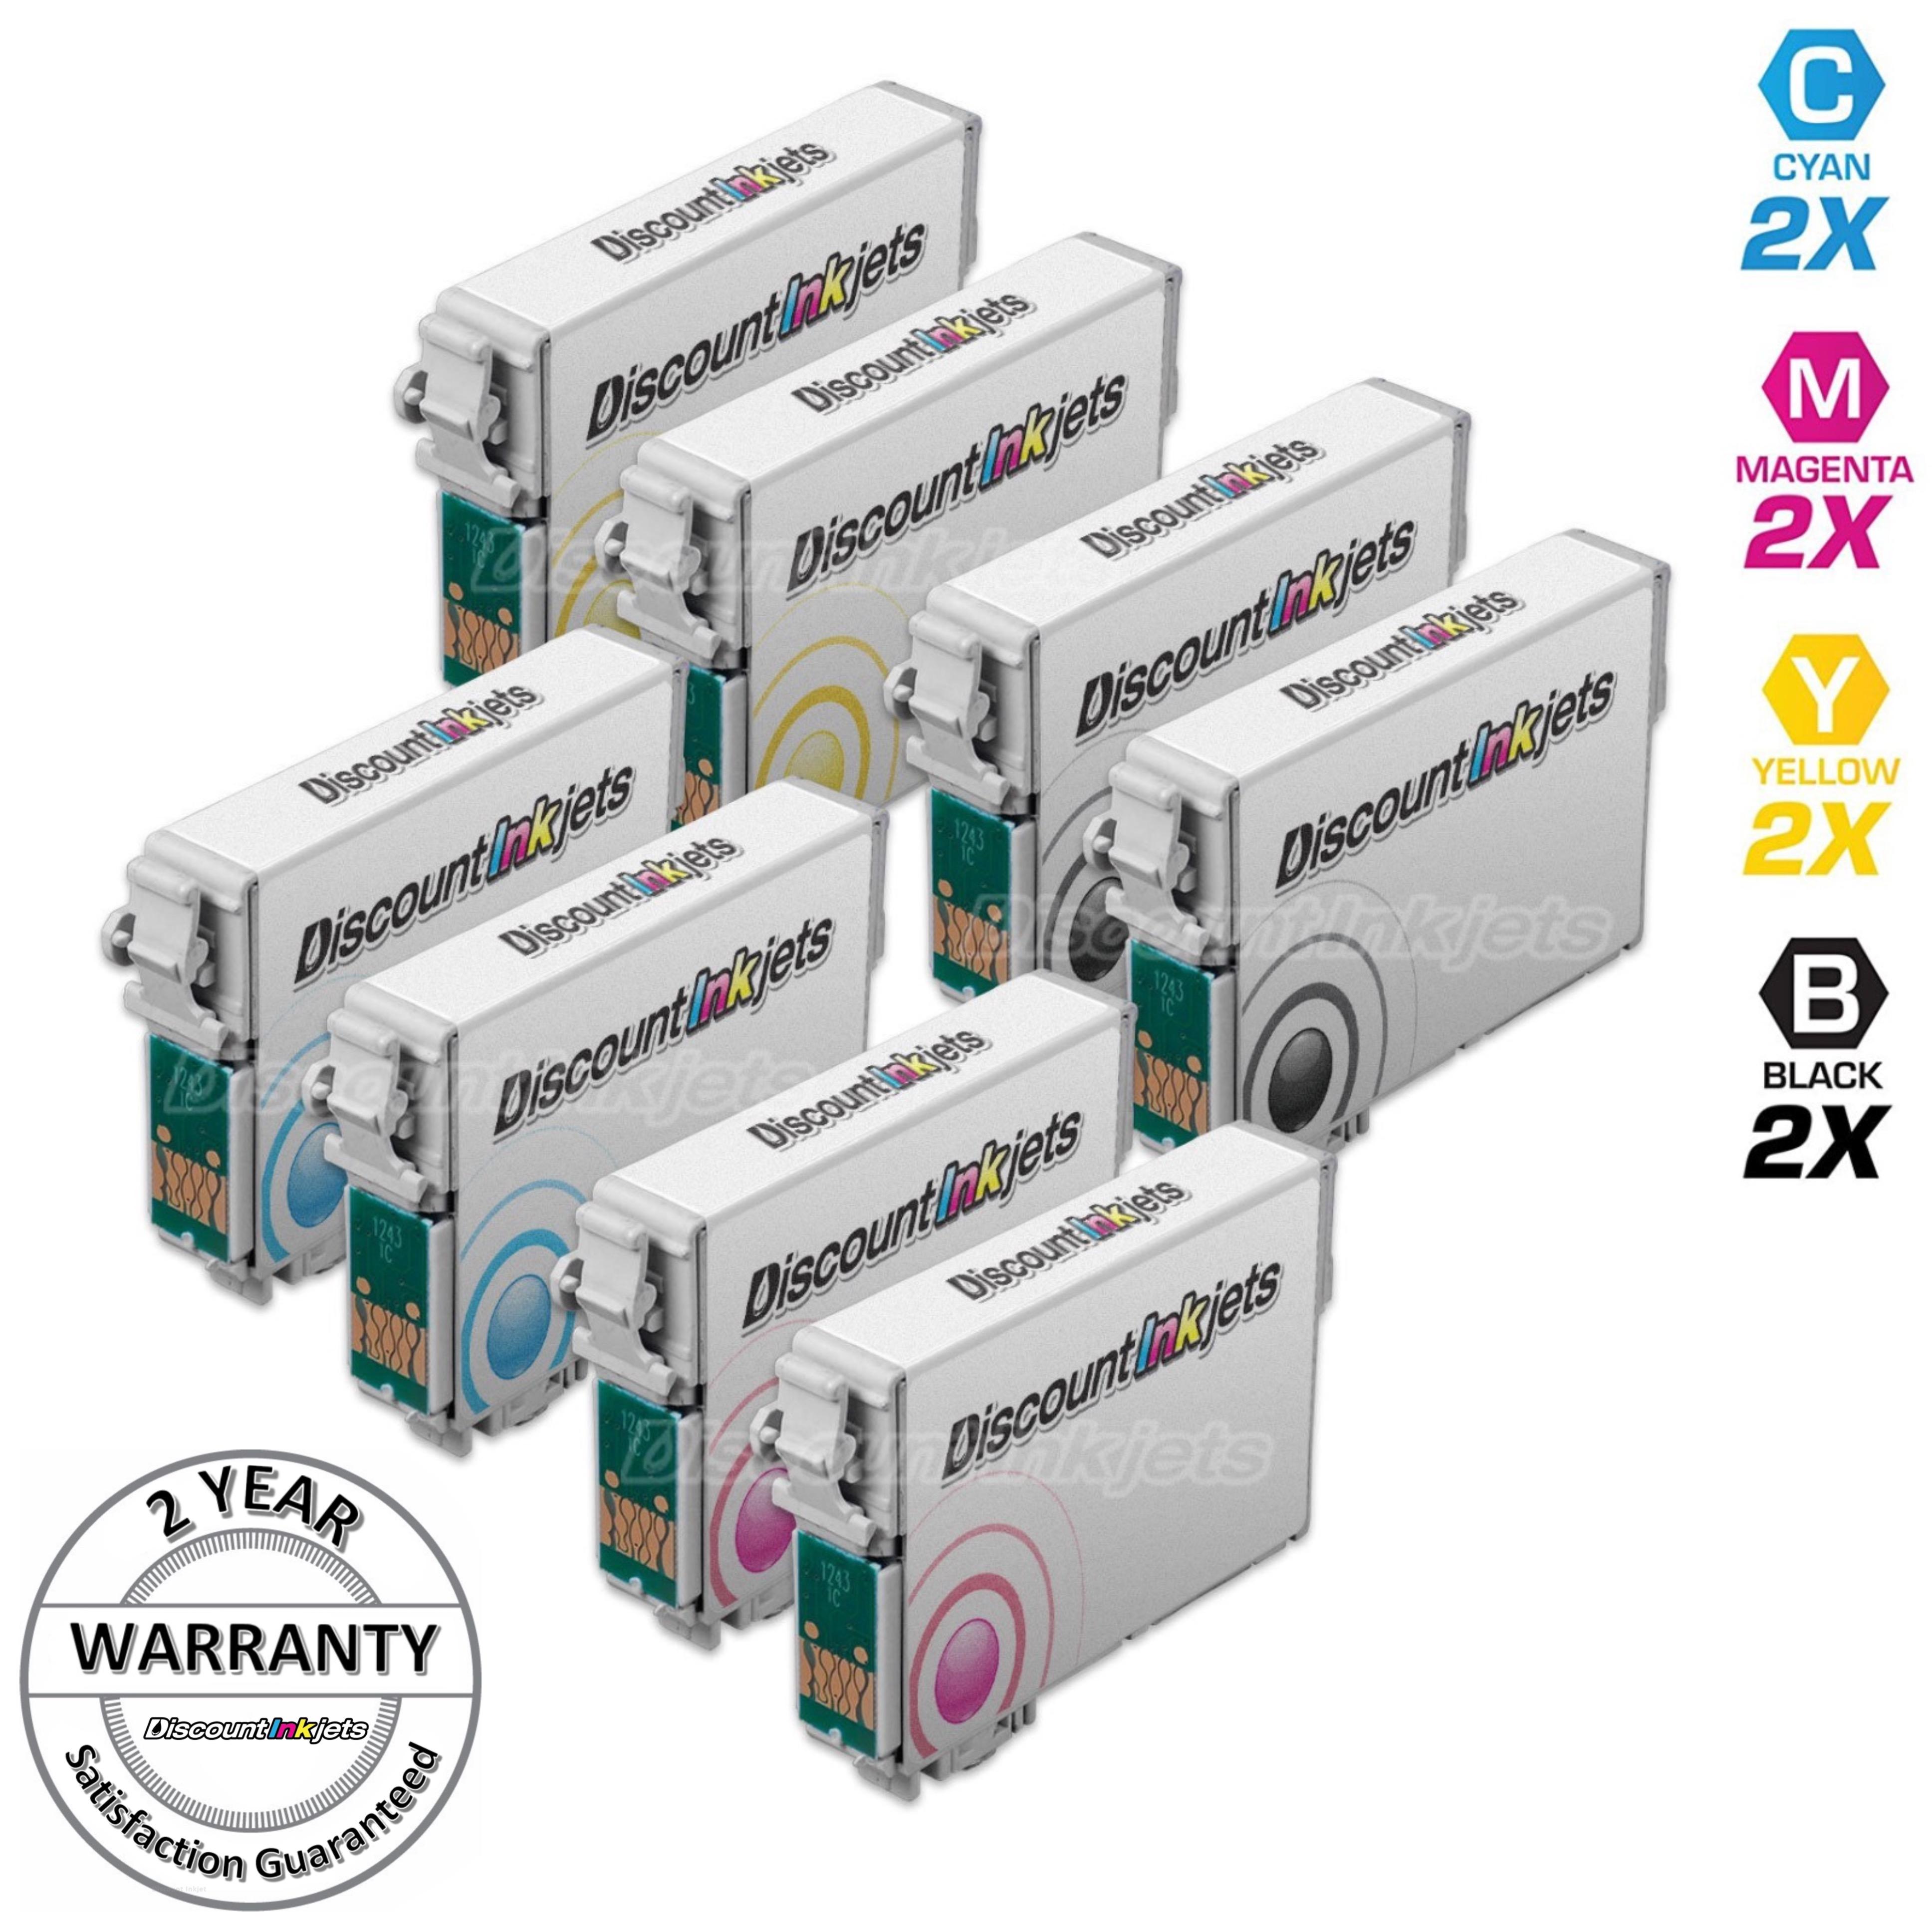 Epson Stylus NX125, NX127, NX420, NX625, NX130, NX230, NX530